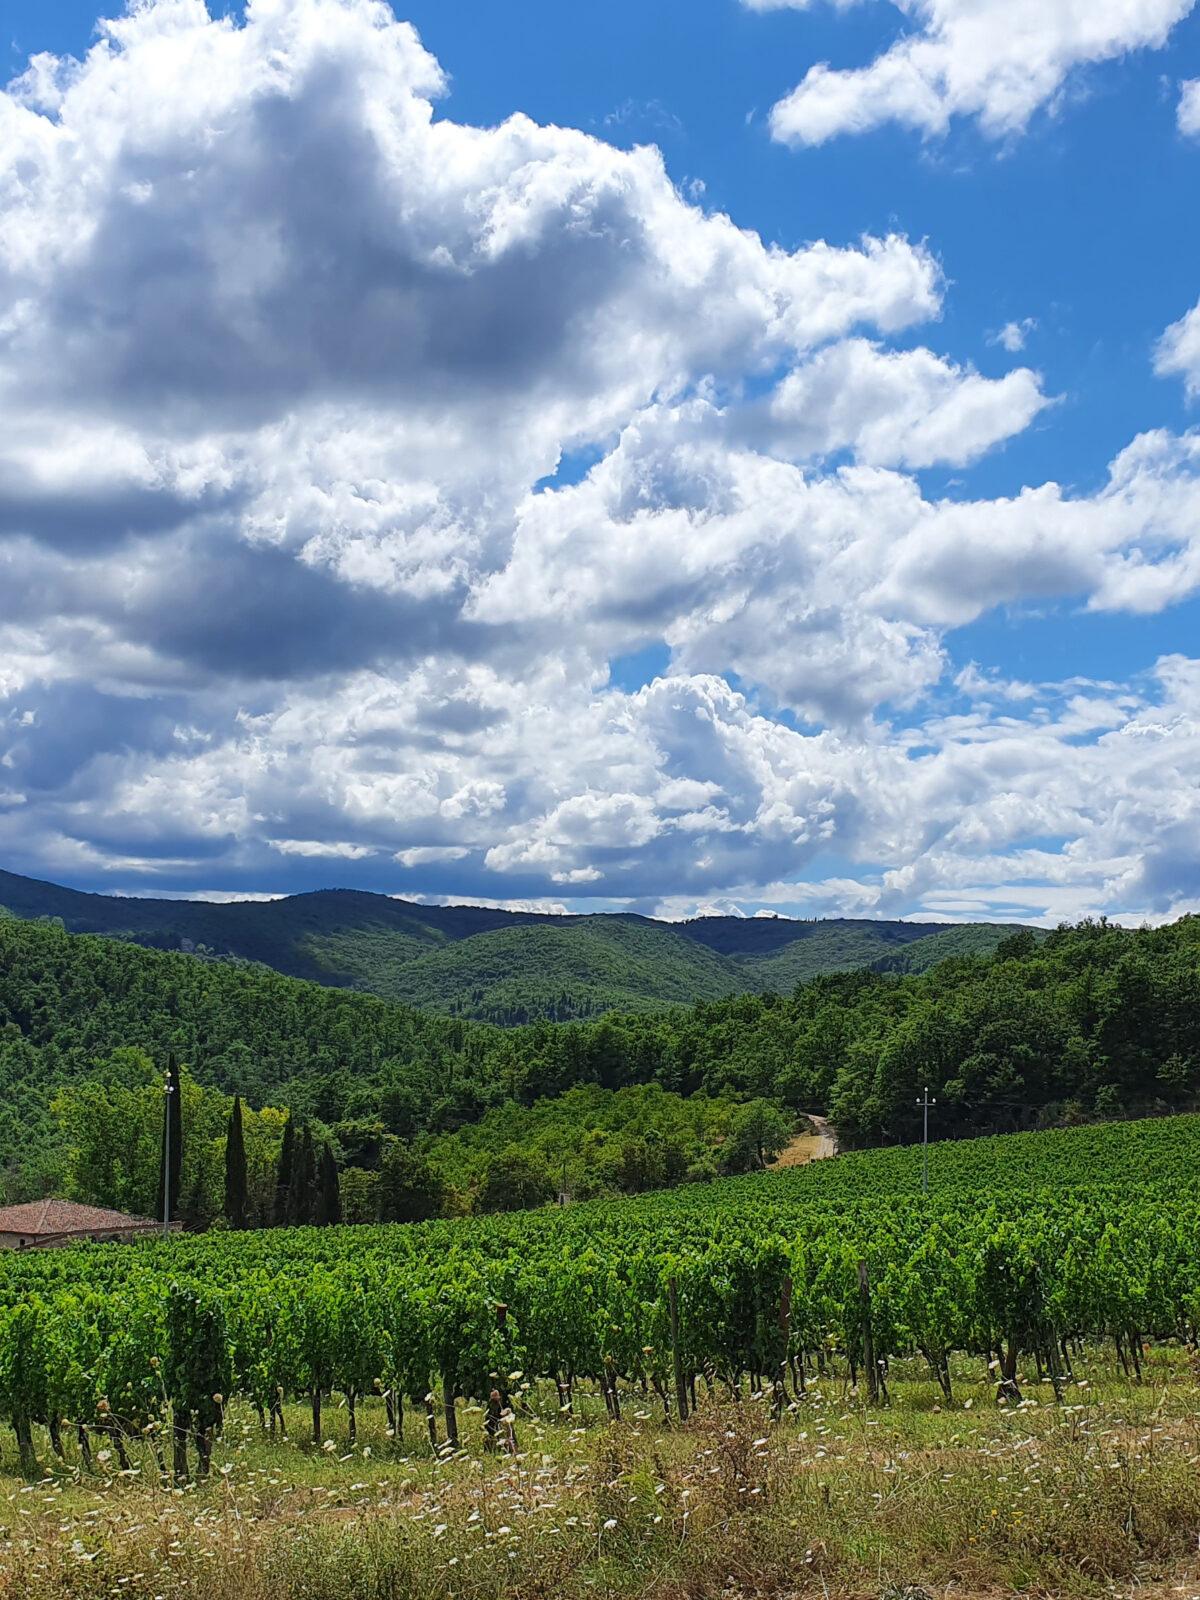 Vineyards of Castello di Radda, Radda in Chianti, Chianti Classico area, Tuscany